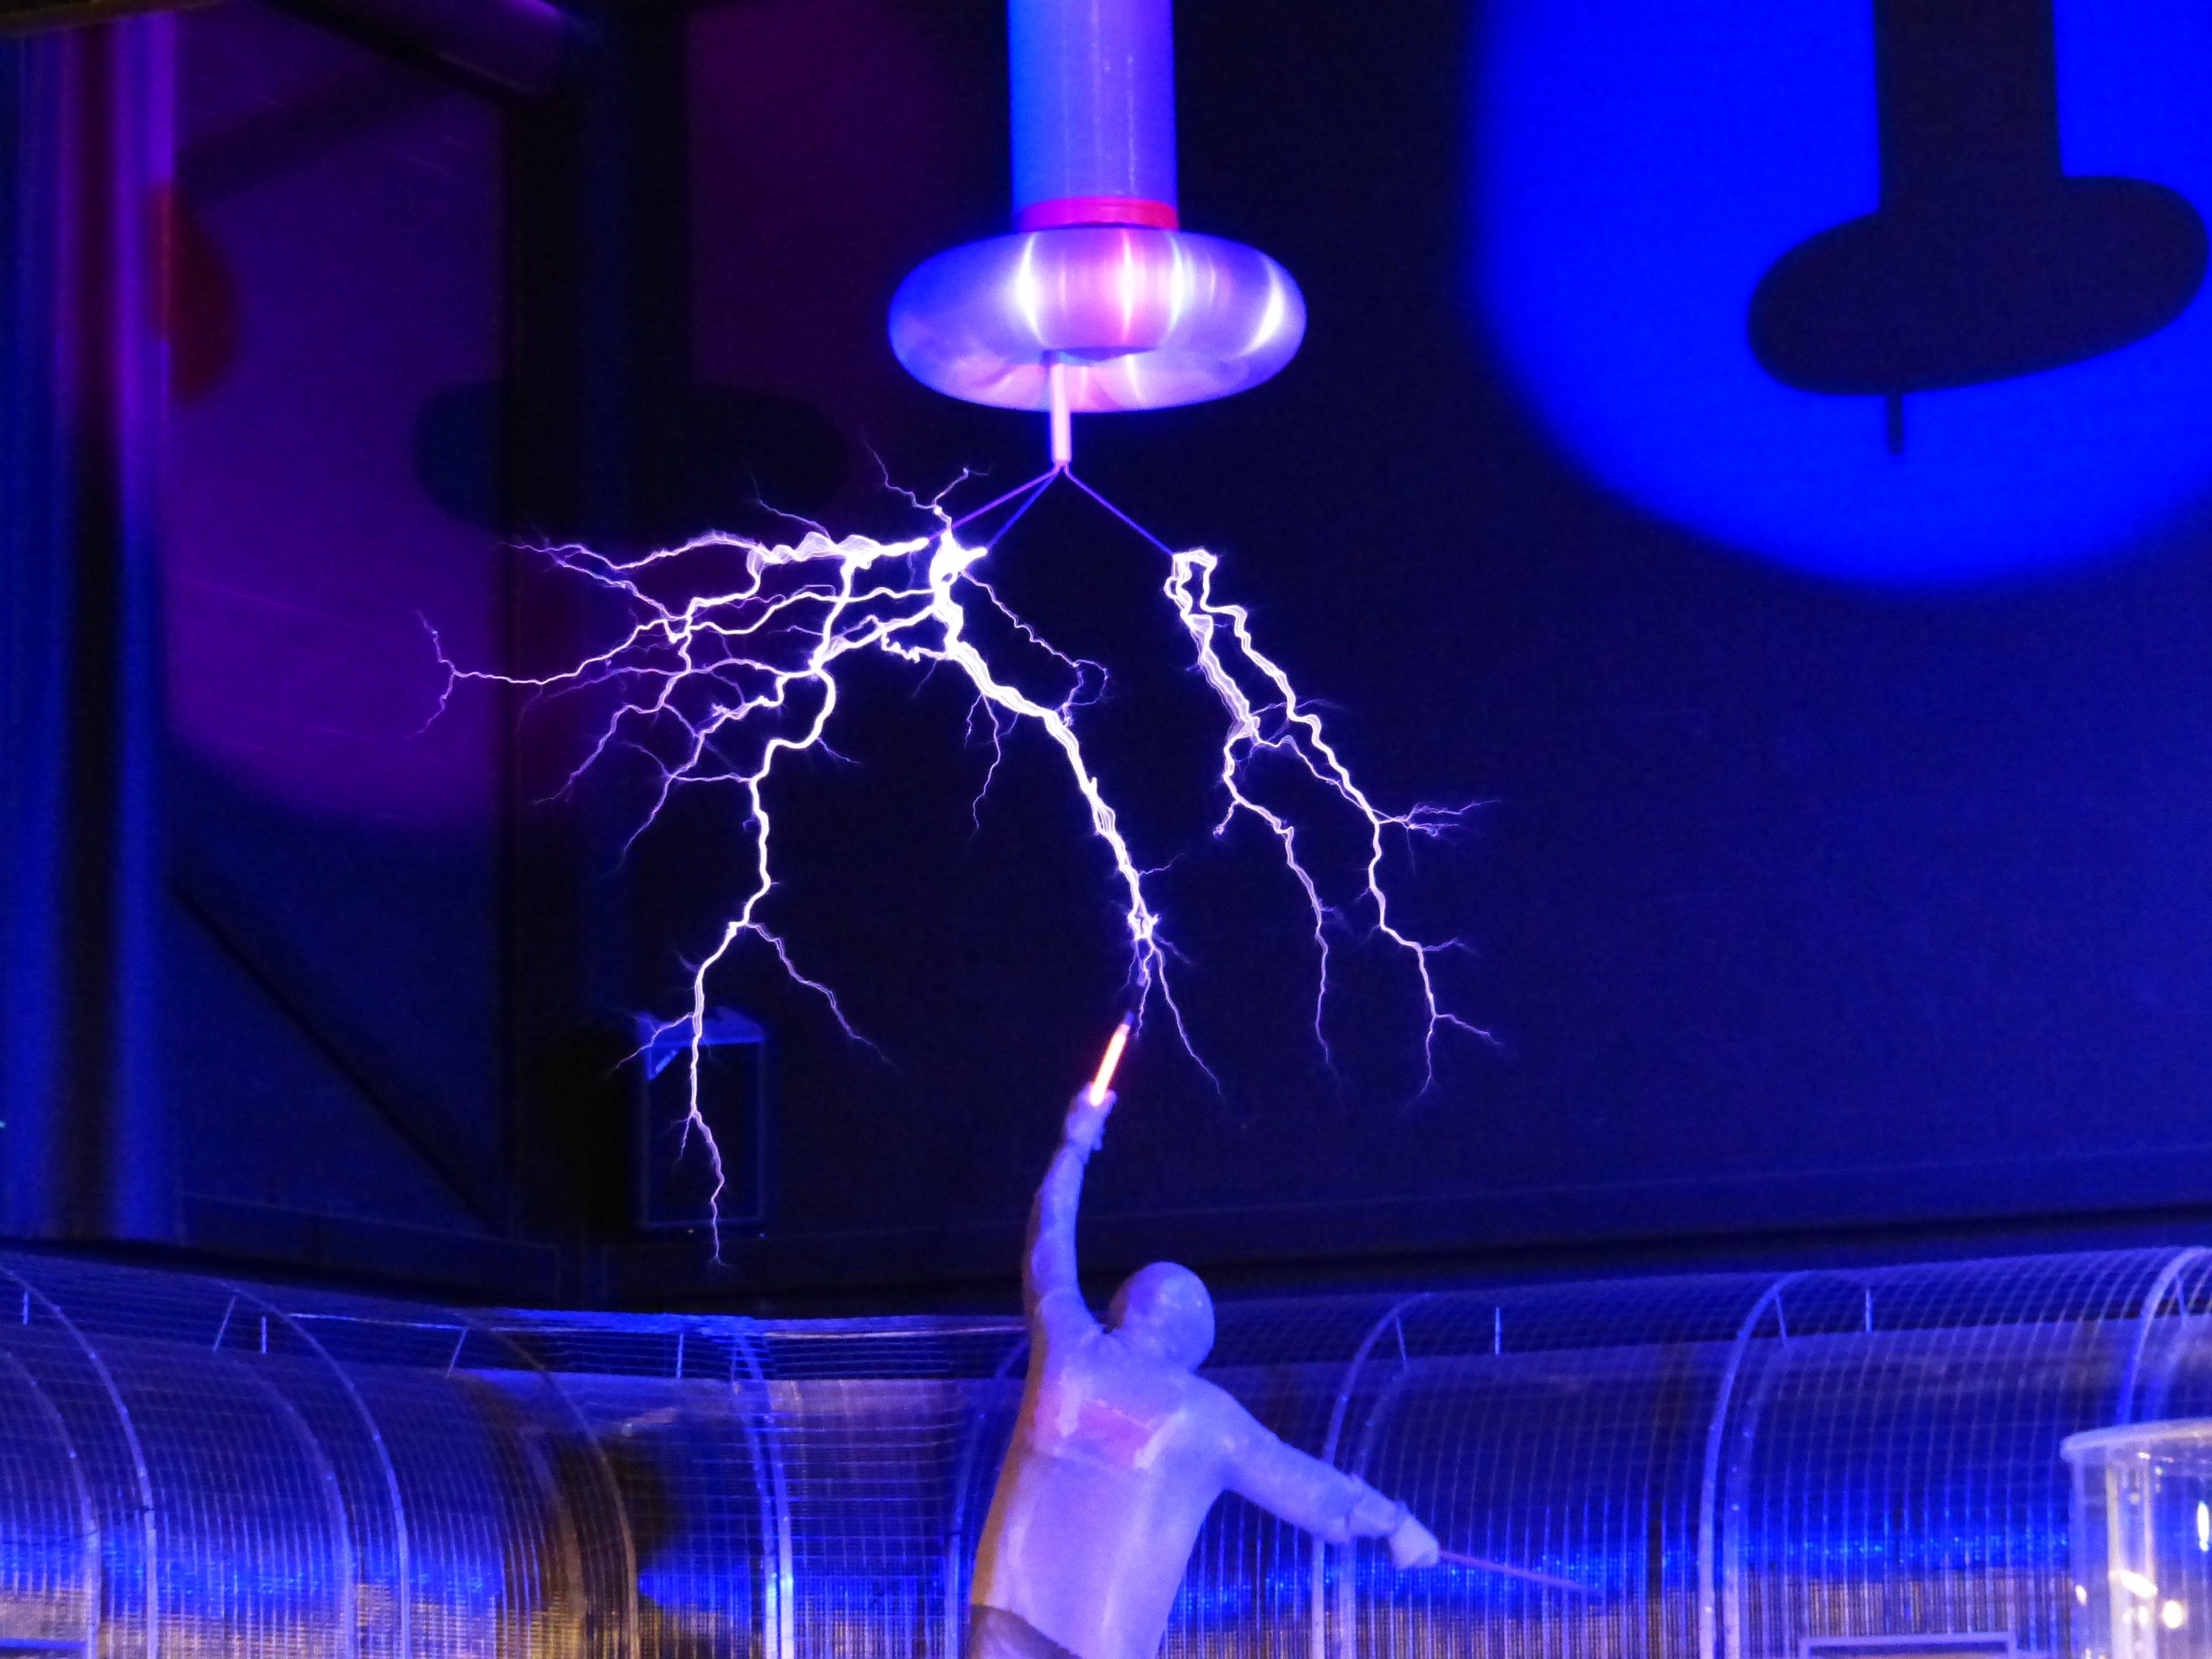 Man Near Lightning